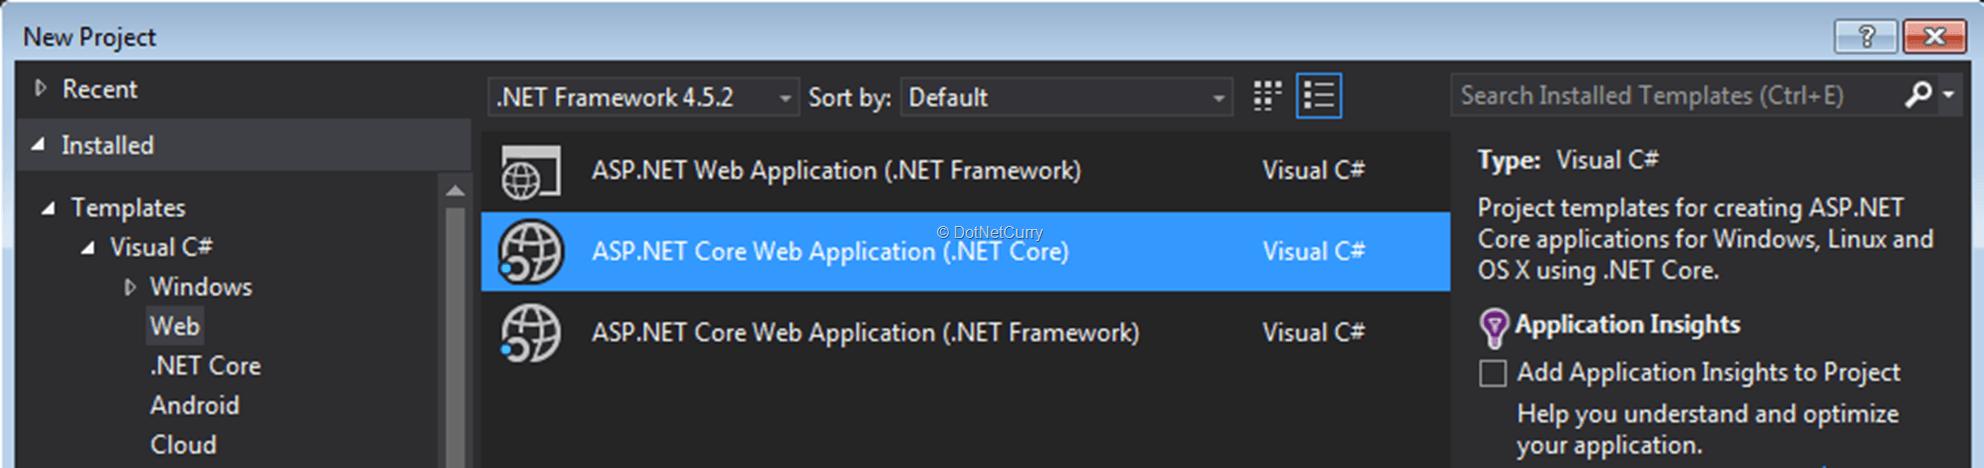 aspnet-core-project-type